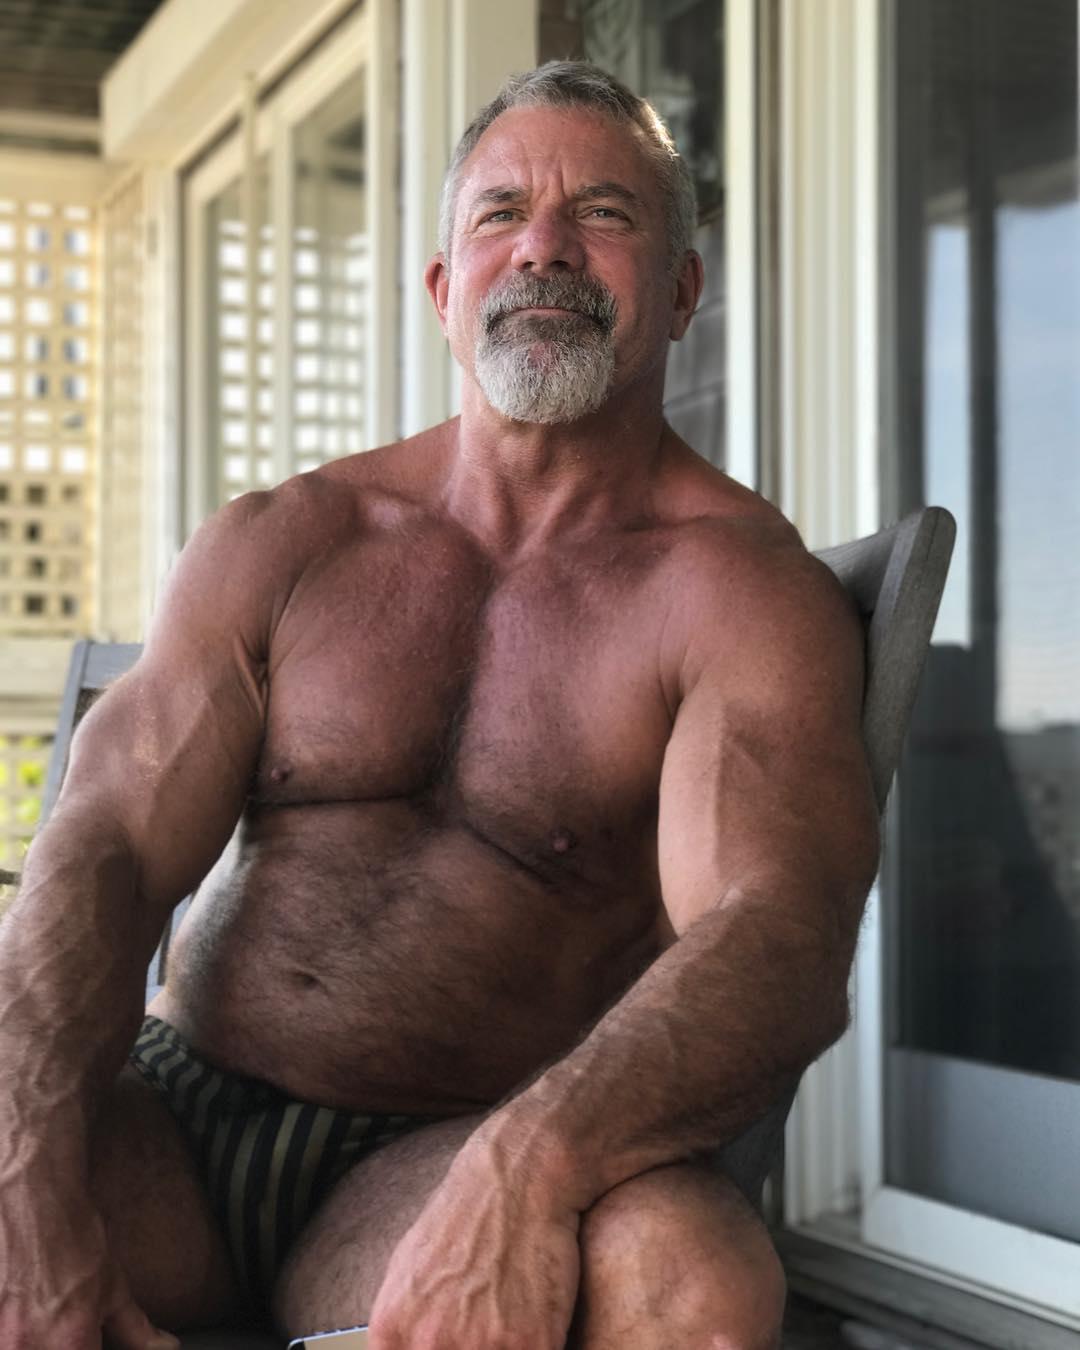 Обнаженные Пожилые Мужчины